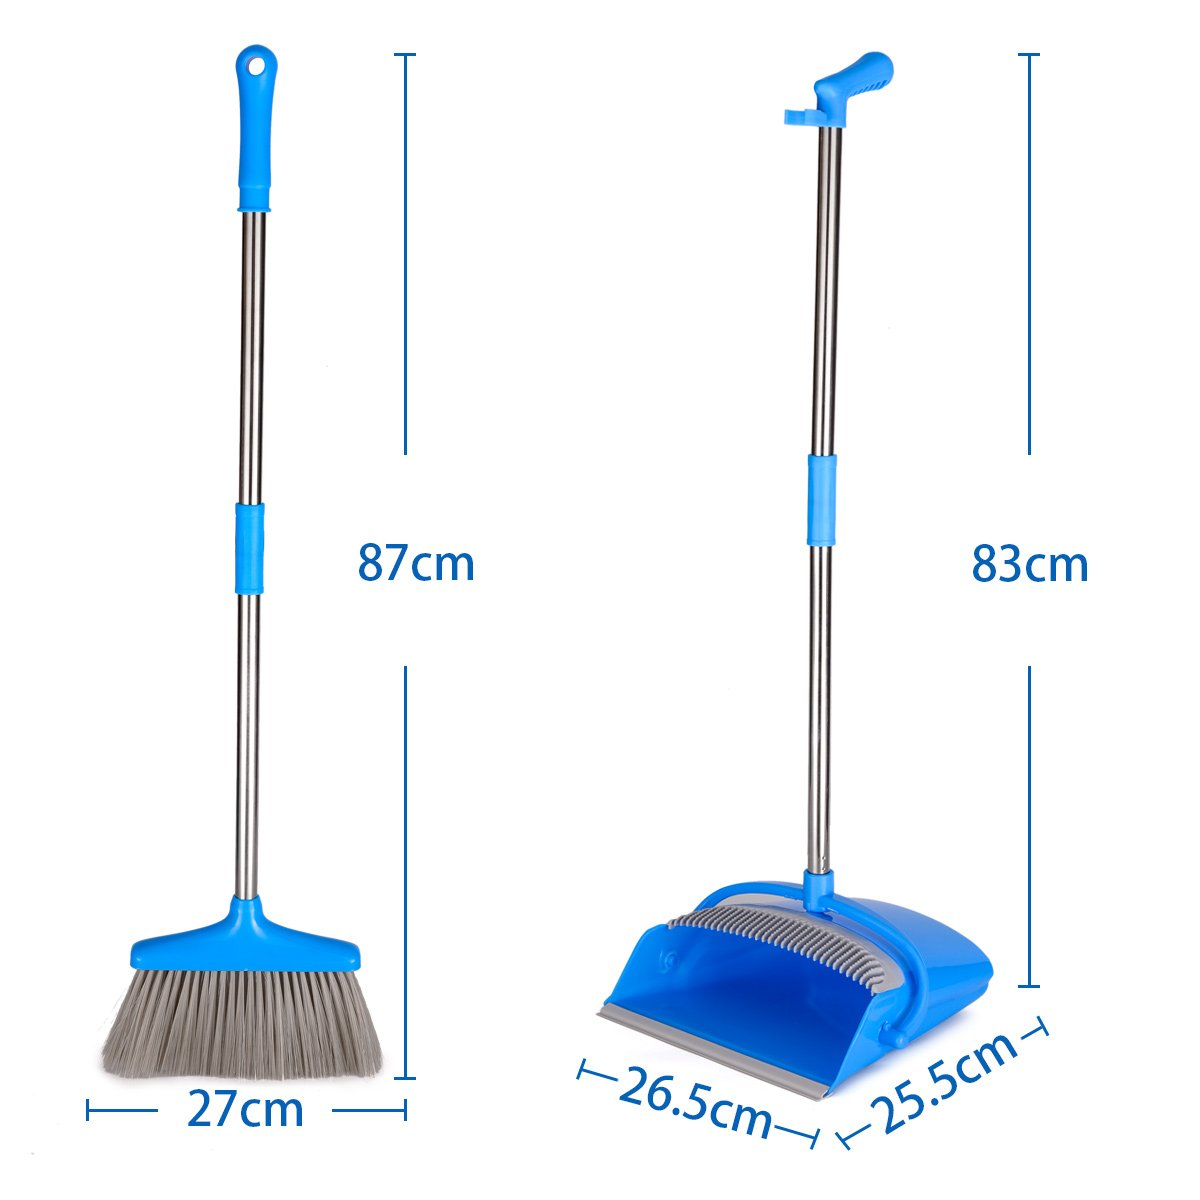 Balai ramasse poussiere Kit balai Set balayette 2 pcs y compris 1 pelle pliable 1 balai avec manche en acier inoxydable /économie espace Bleu Balai et Pelle EFANTUR Pelle balayette